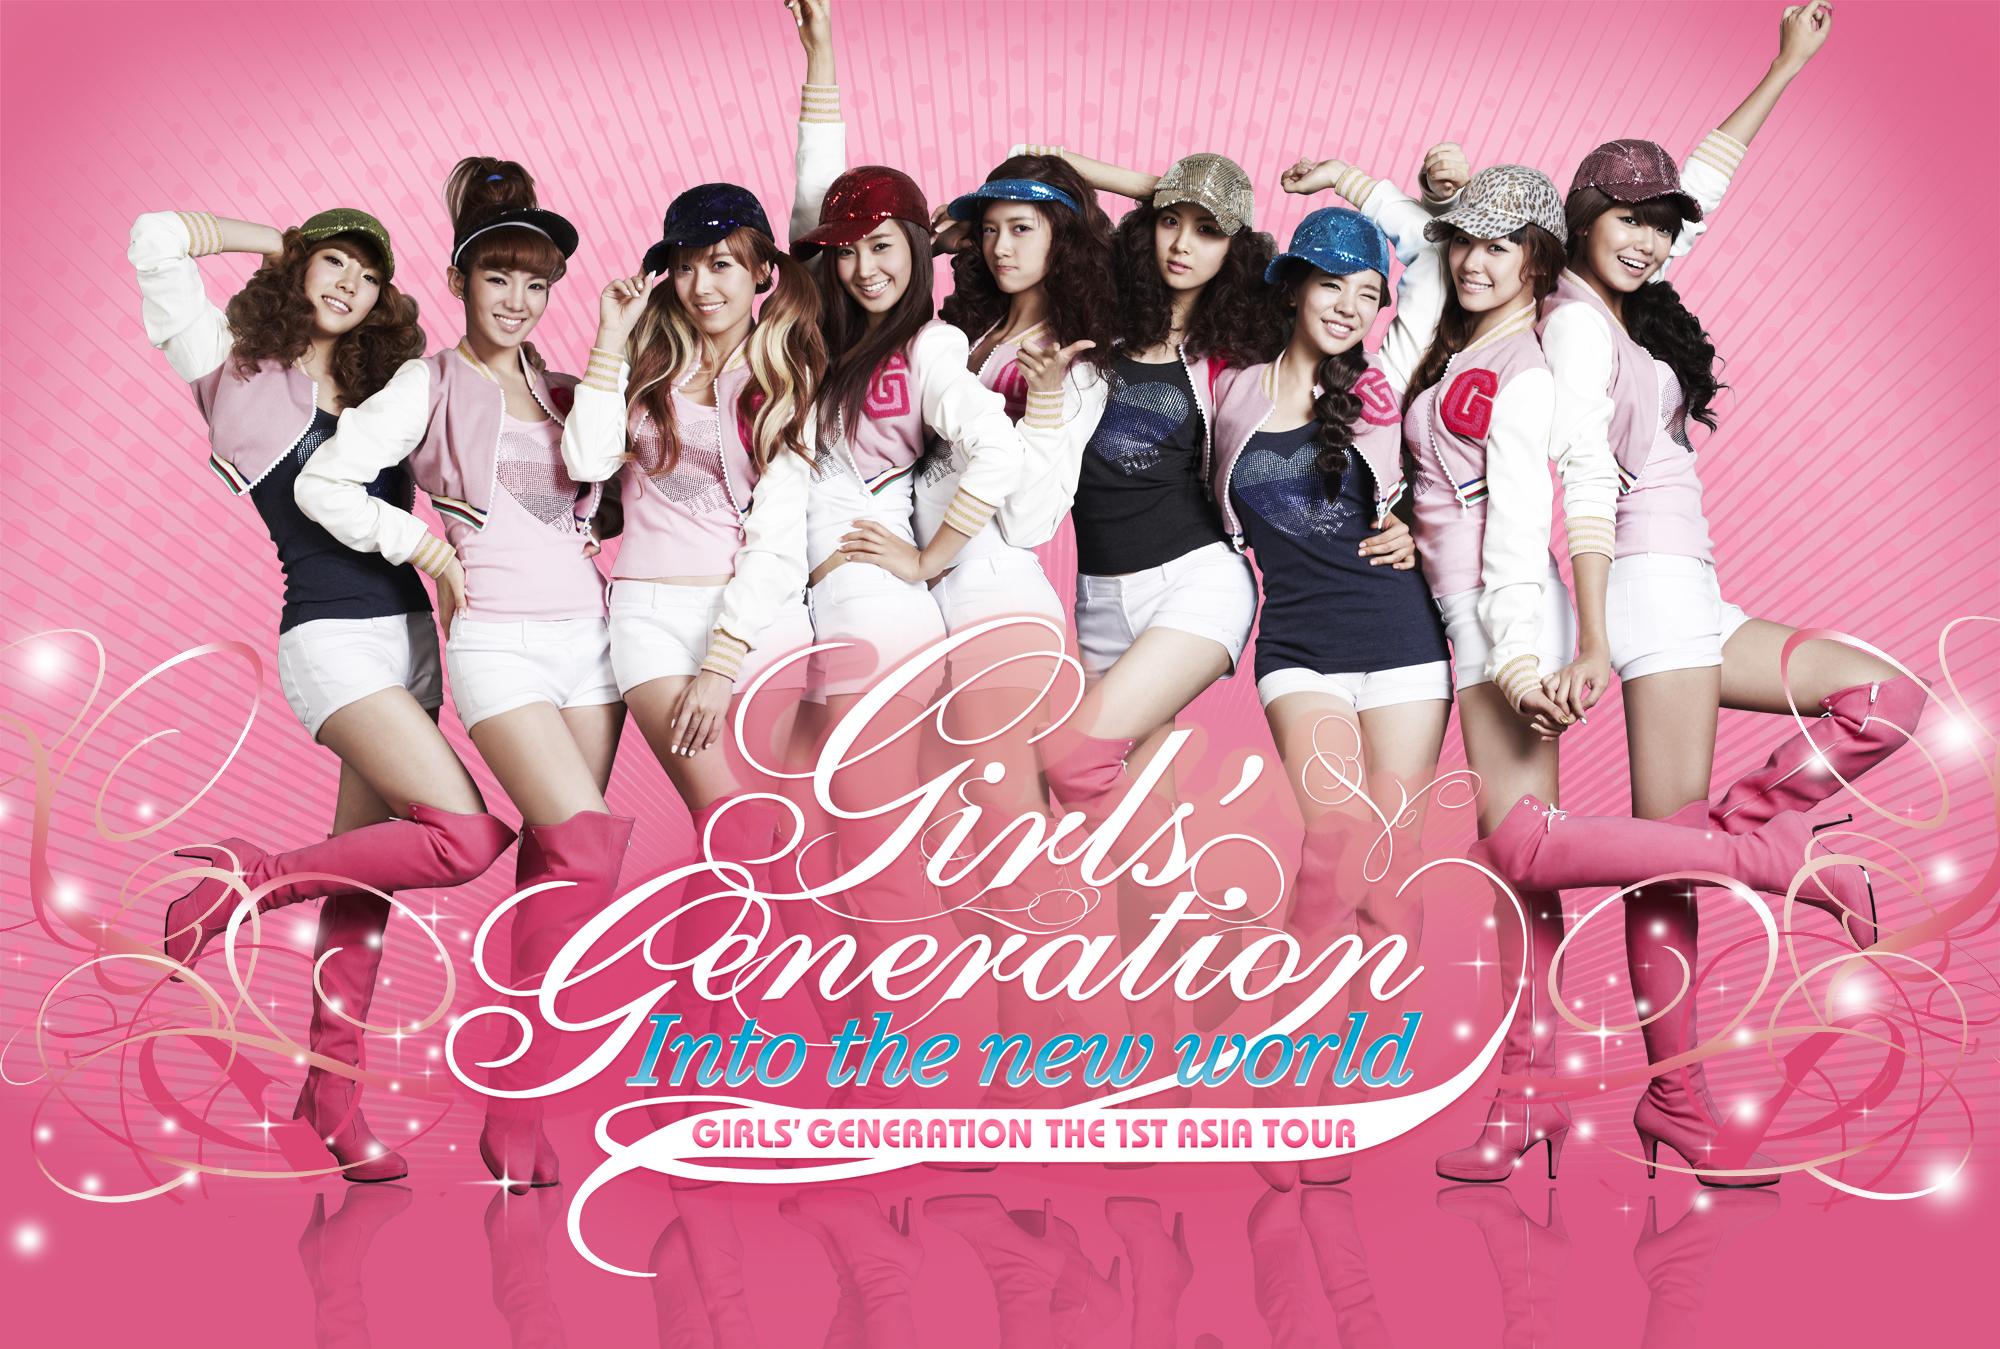 소녀시대 첫번째 아시아투어 콘서트 DVD 타이틀 첫선…22일부터 예판중